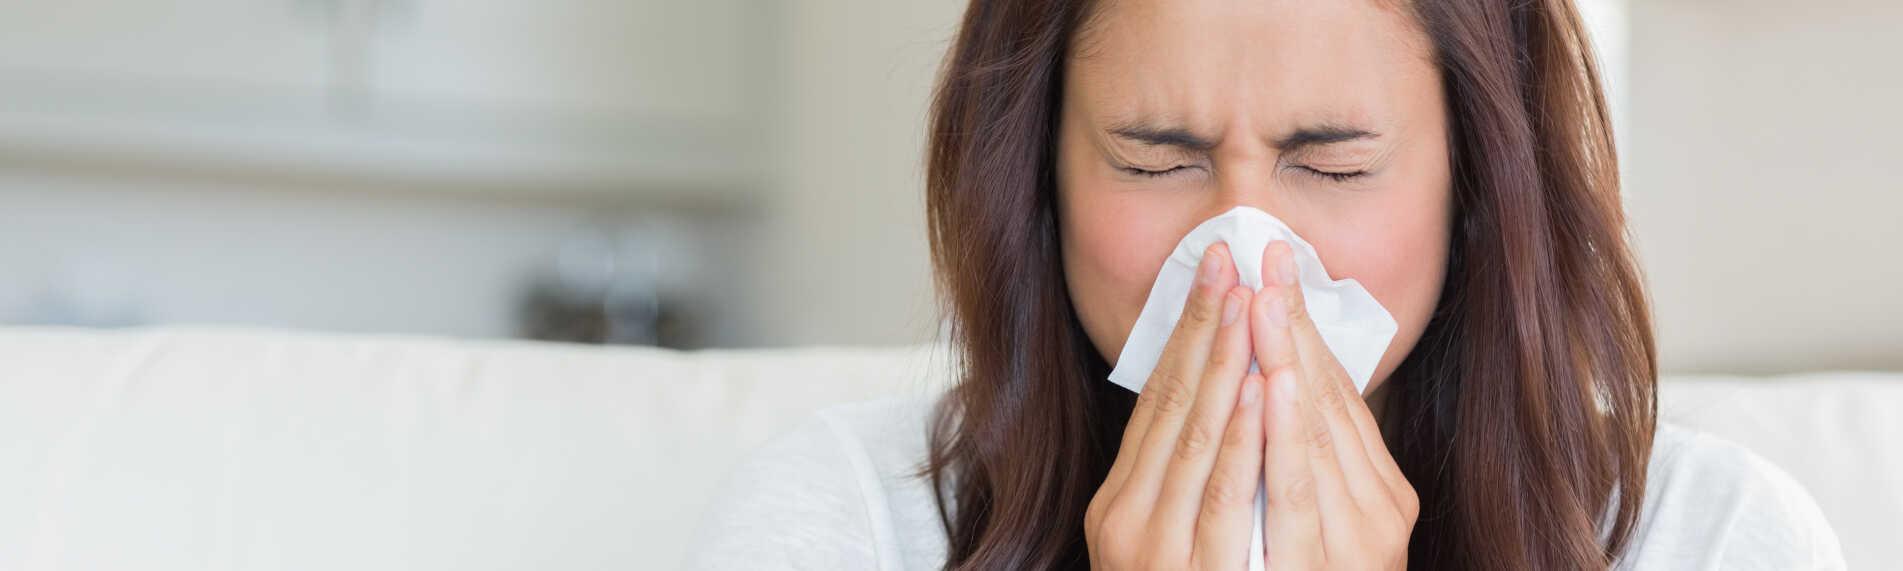 Sygefraværet på arbejdspladsen nedbringes med den rette luftfugtighed